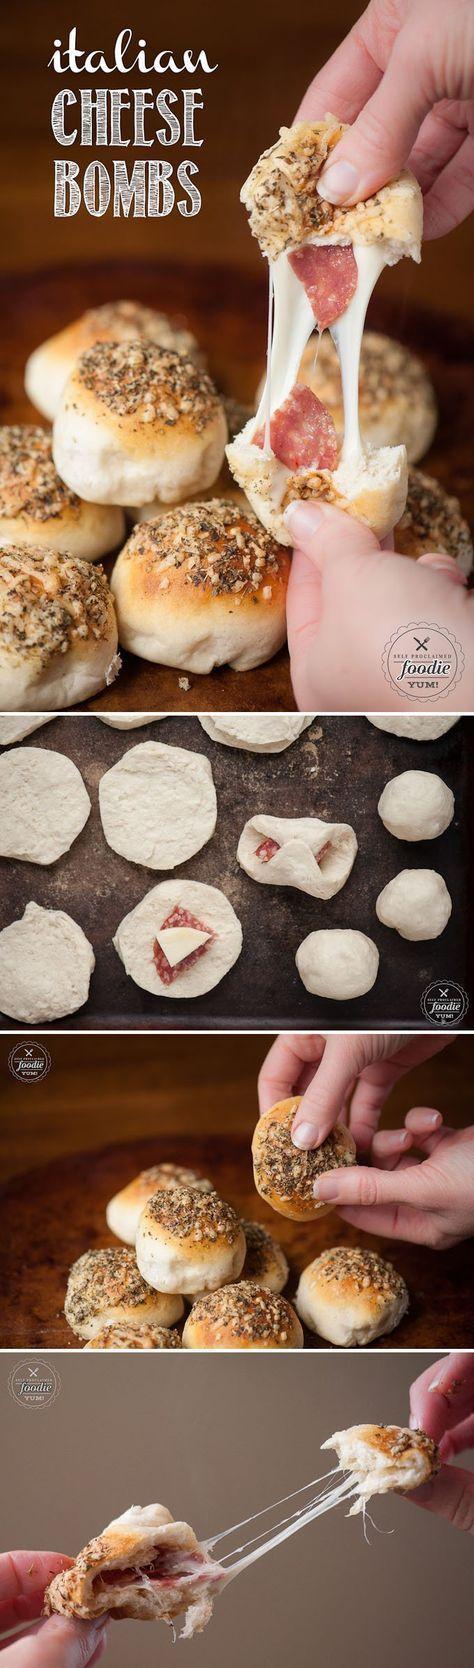 Plus de découvertes sur Le Blog des Tendances.fr #tendance #food #miam #blogueur